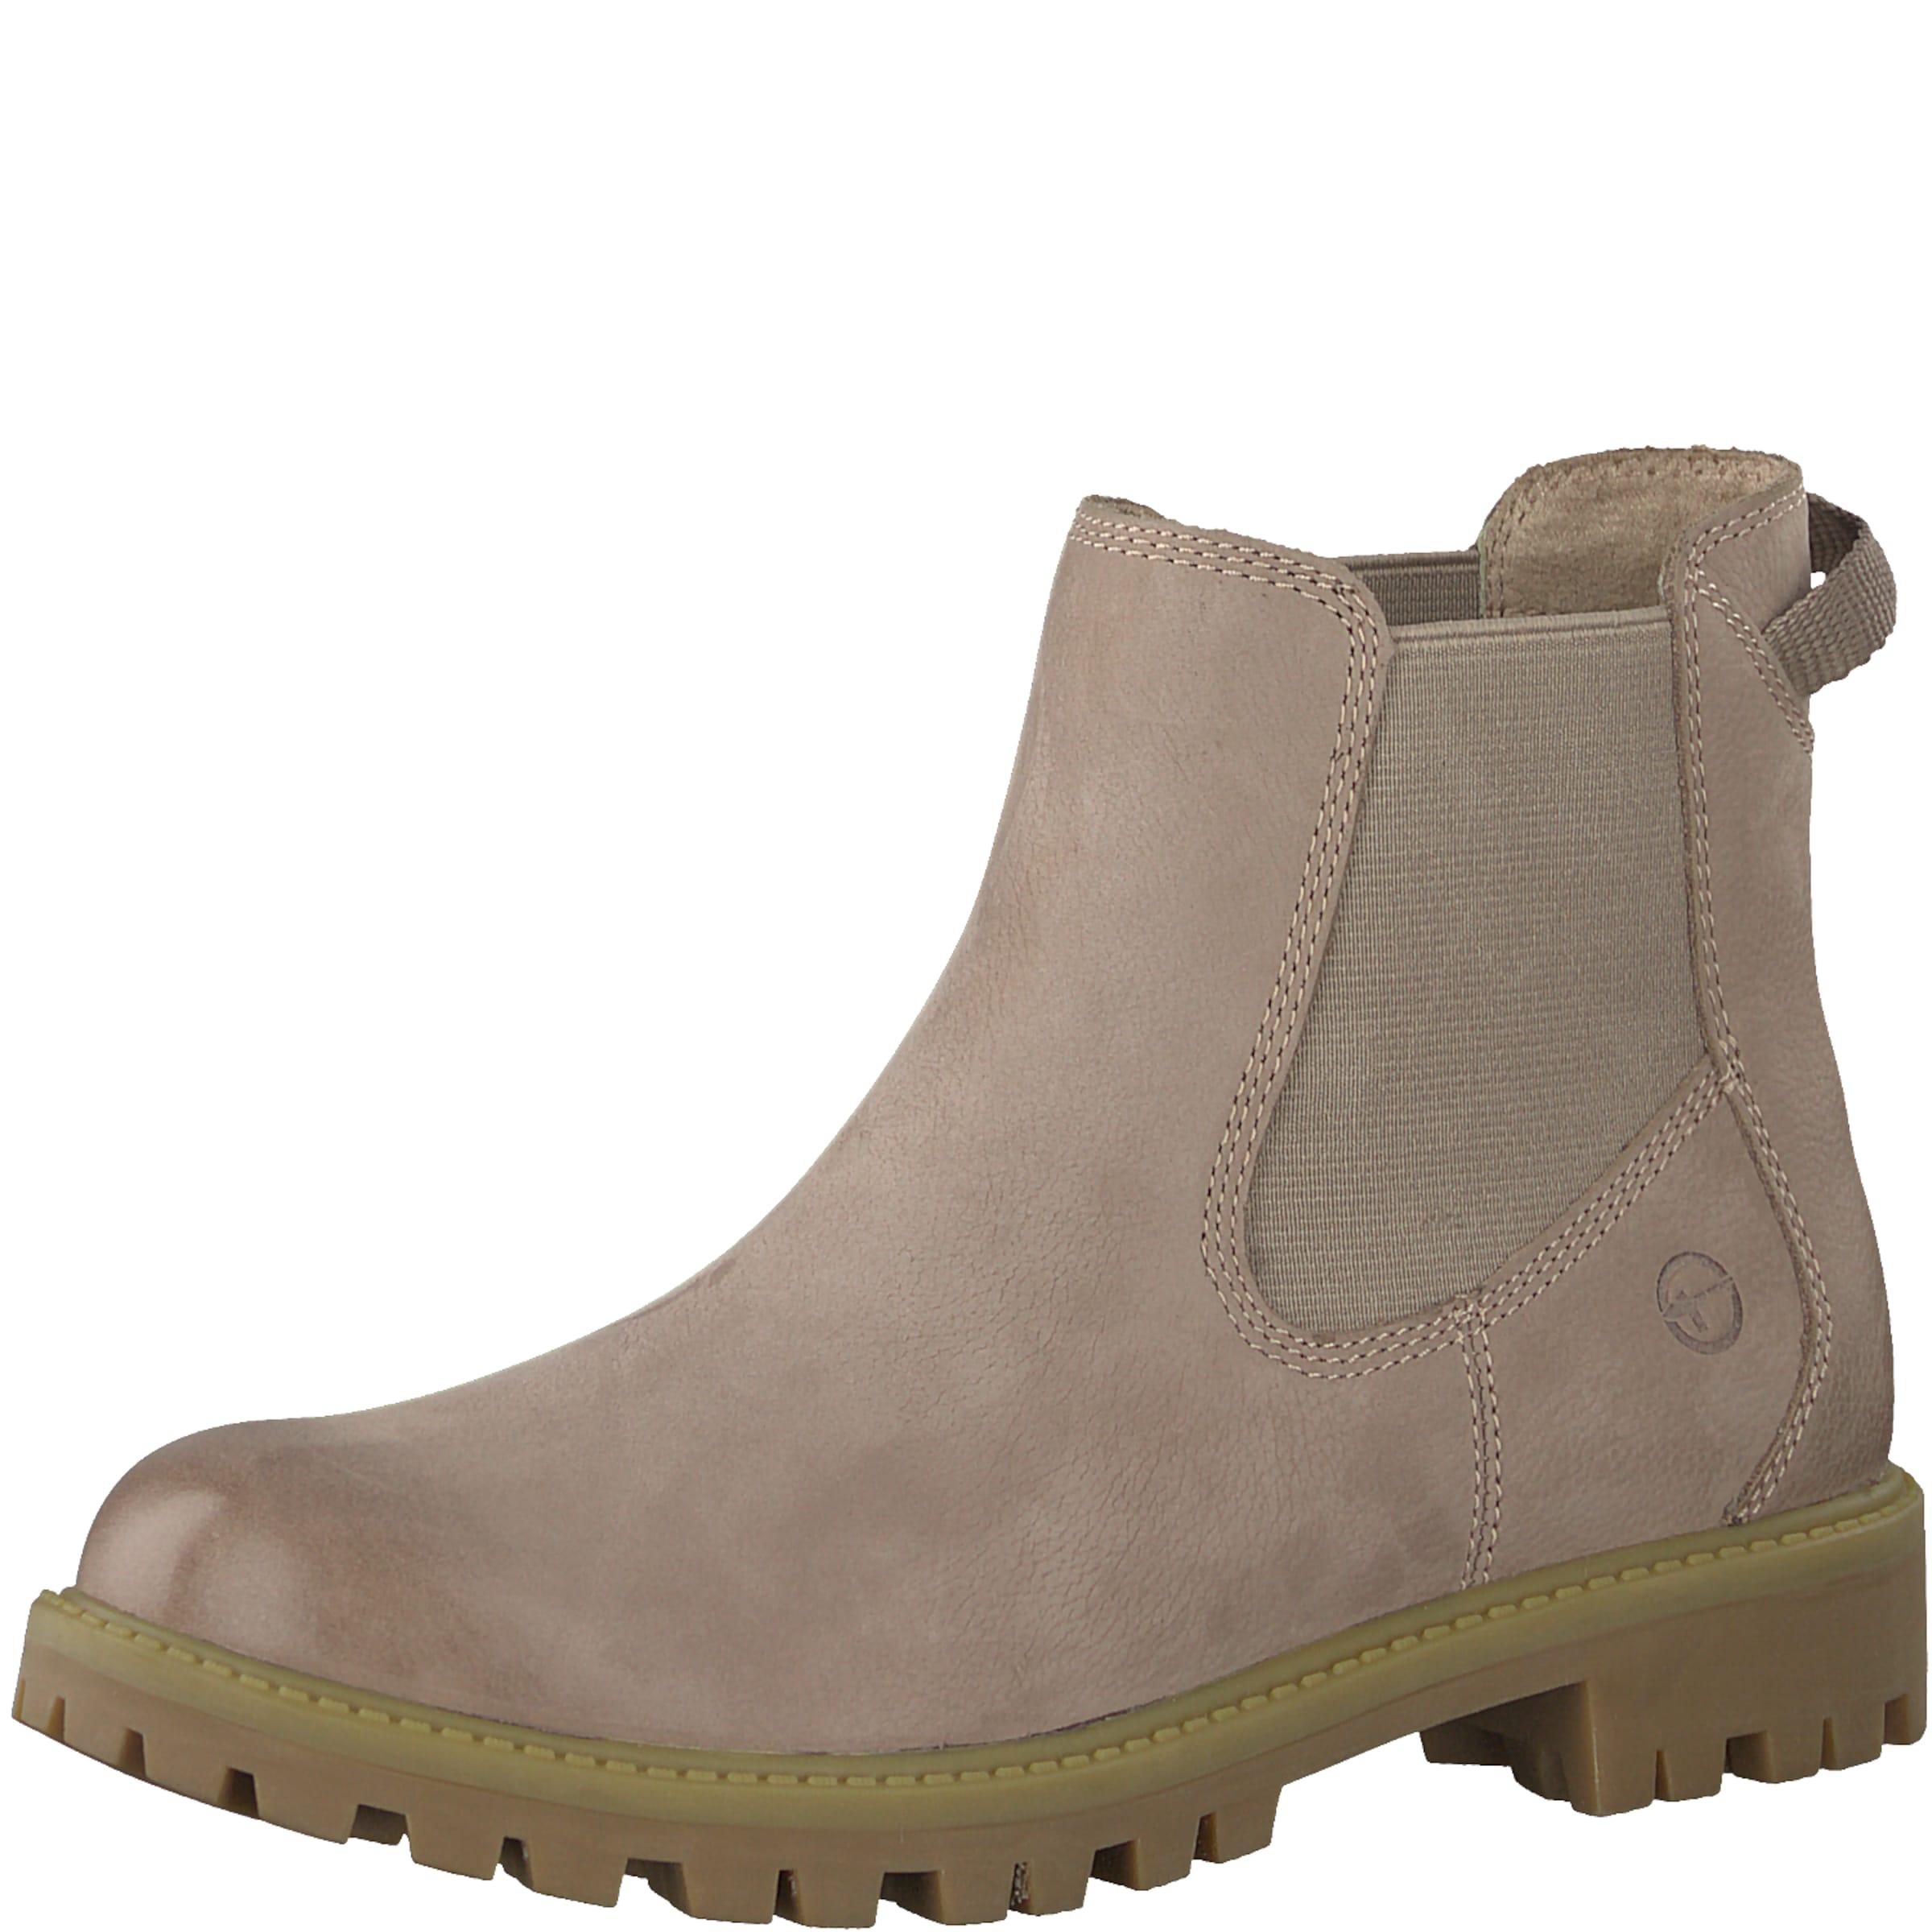 TAMARIS Verschleißfeste Stiefeletten Verschleißfeste TAMARIS billige Schuhe Hohe Qualität dfc7b5